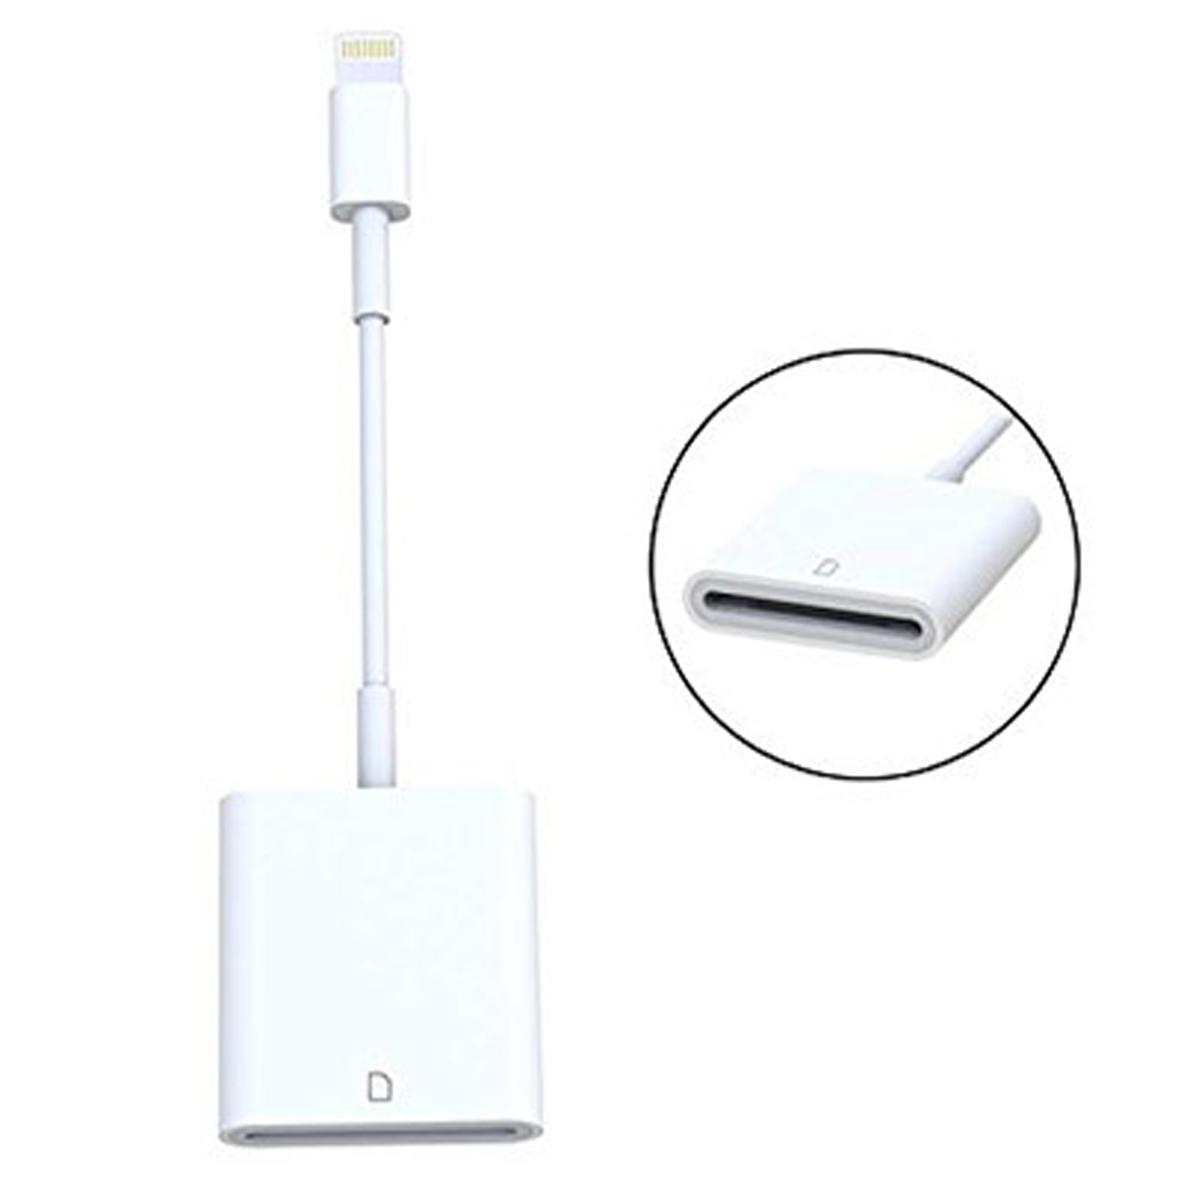 Đầu Lightning đọc thẻ SD dùng cho điện thoại iPhone & iPad